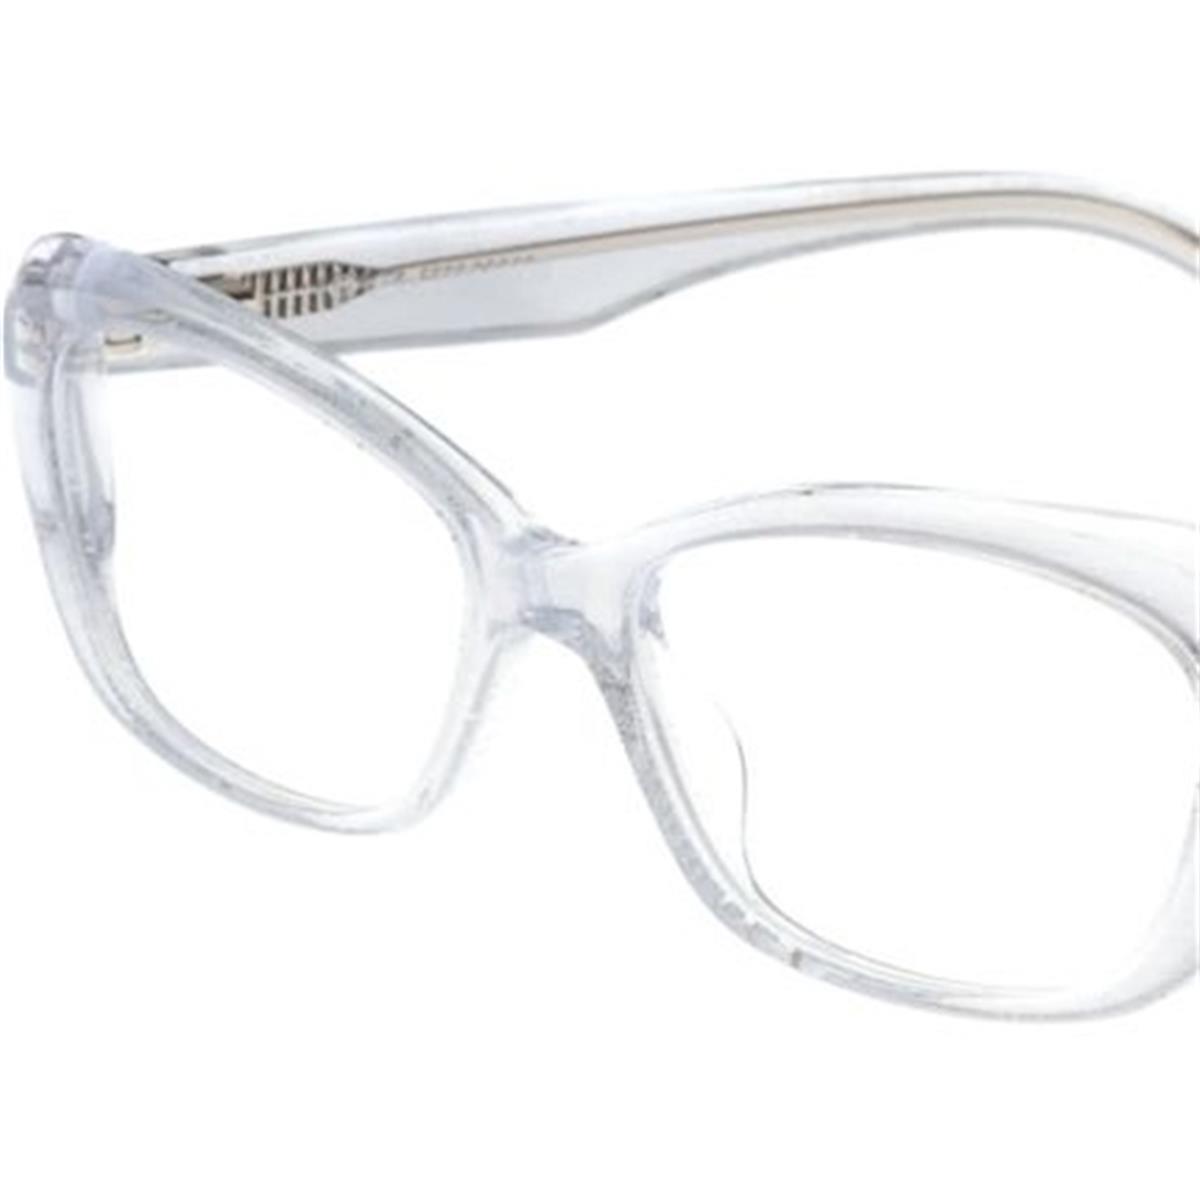 38168a3b46a88 Armação para Óculos de Grau Transparente 5500 Colcci